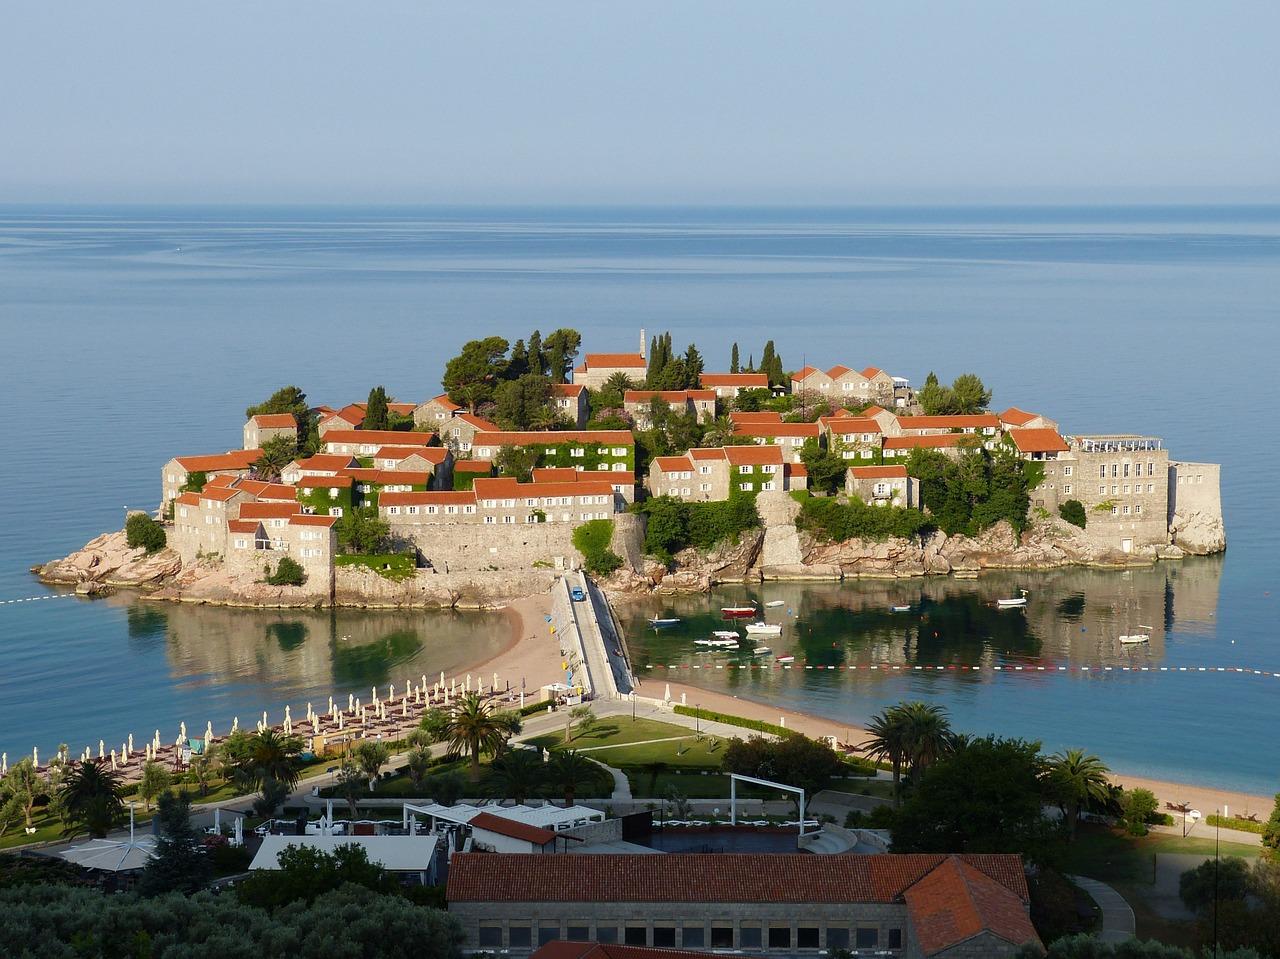 Maravilhosos Balcãs saindo de Veneza (De Veneza até Belgrado) - 2020